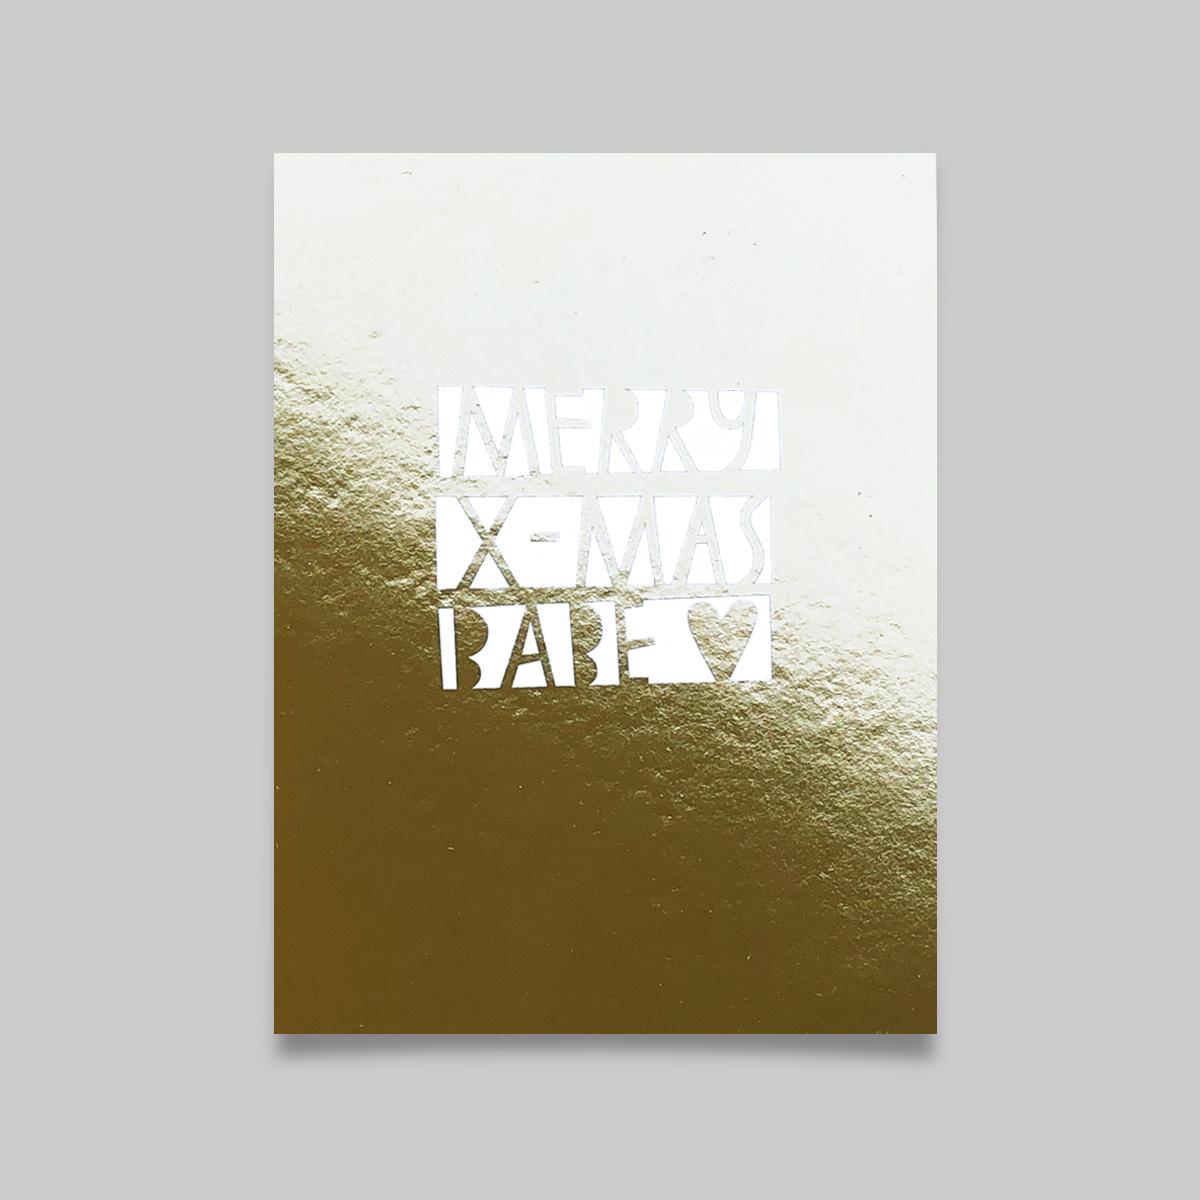 Merry x-mas babe